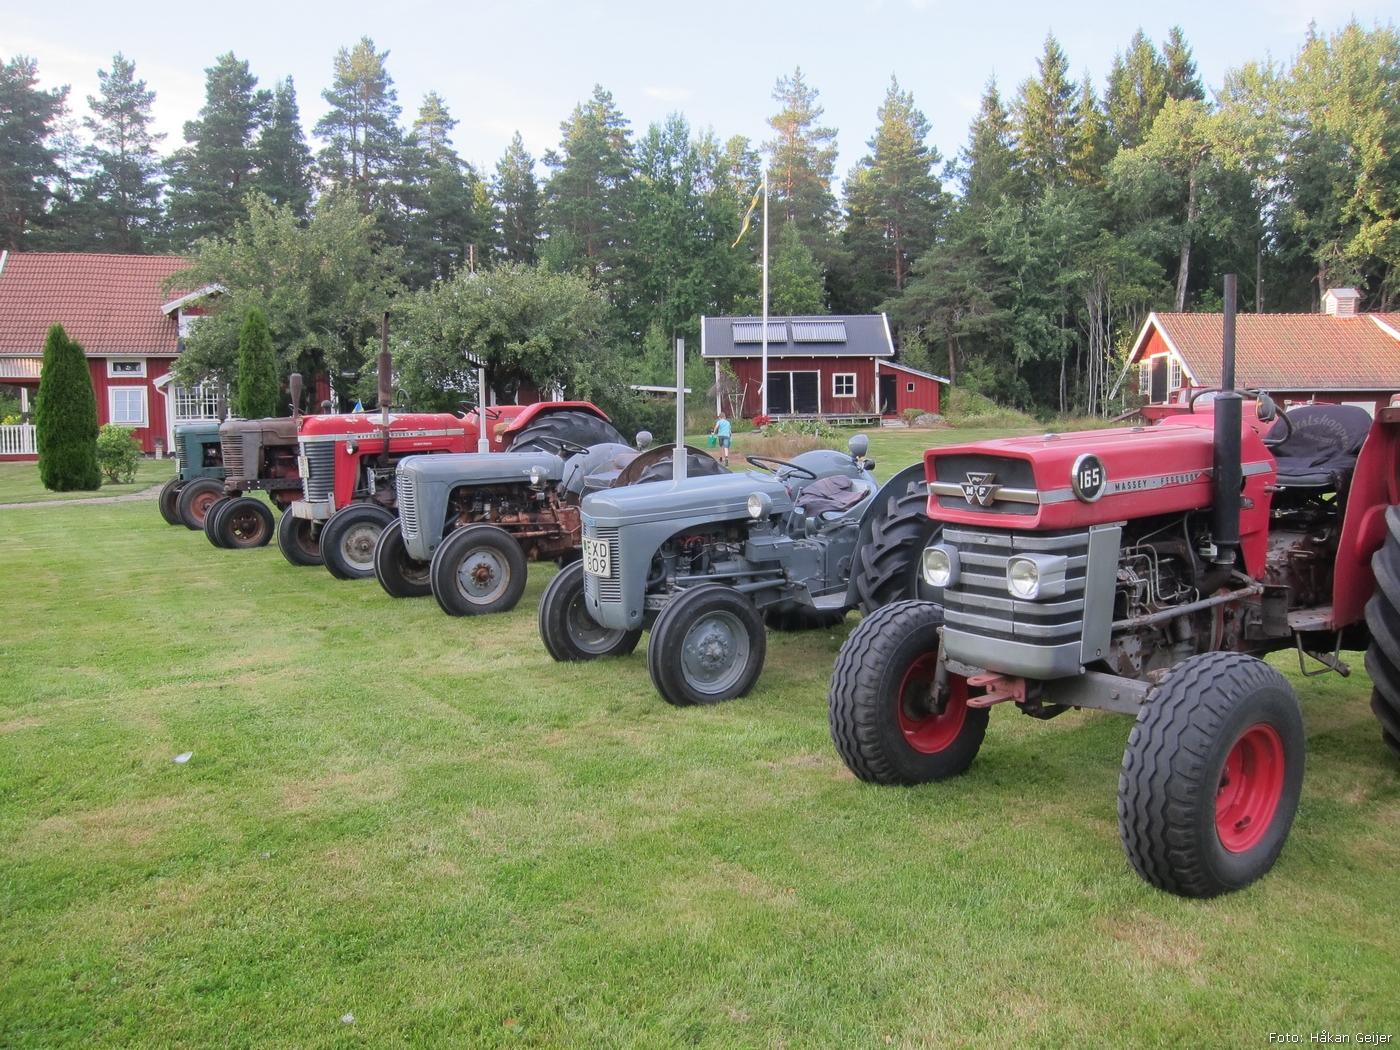 2014-08-02_51_traktorresa